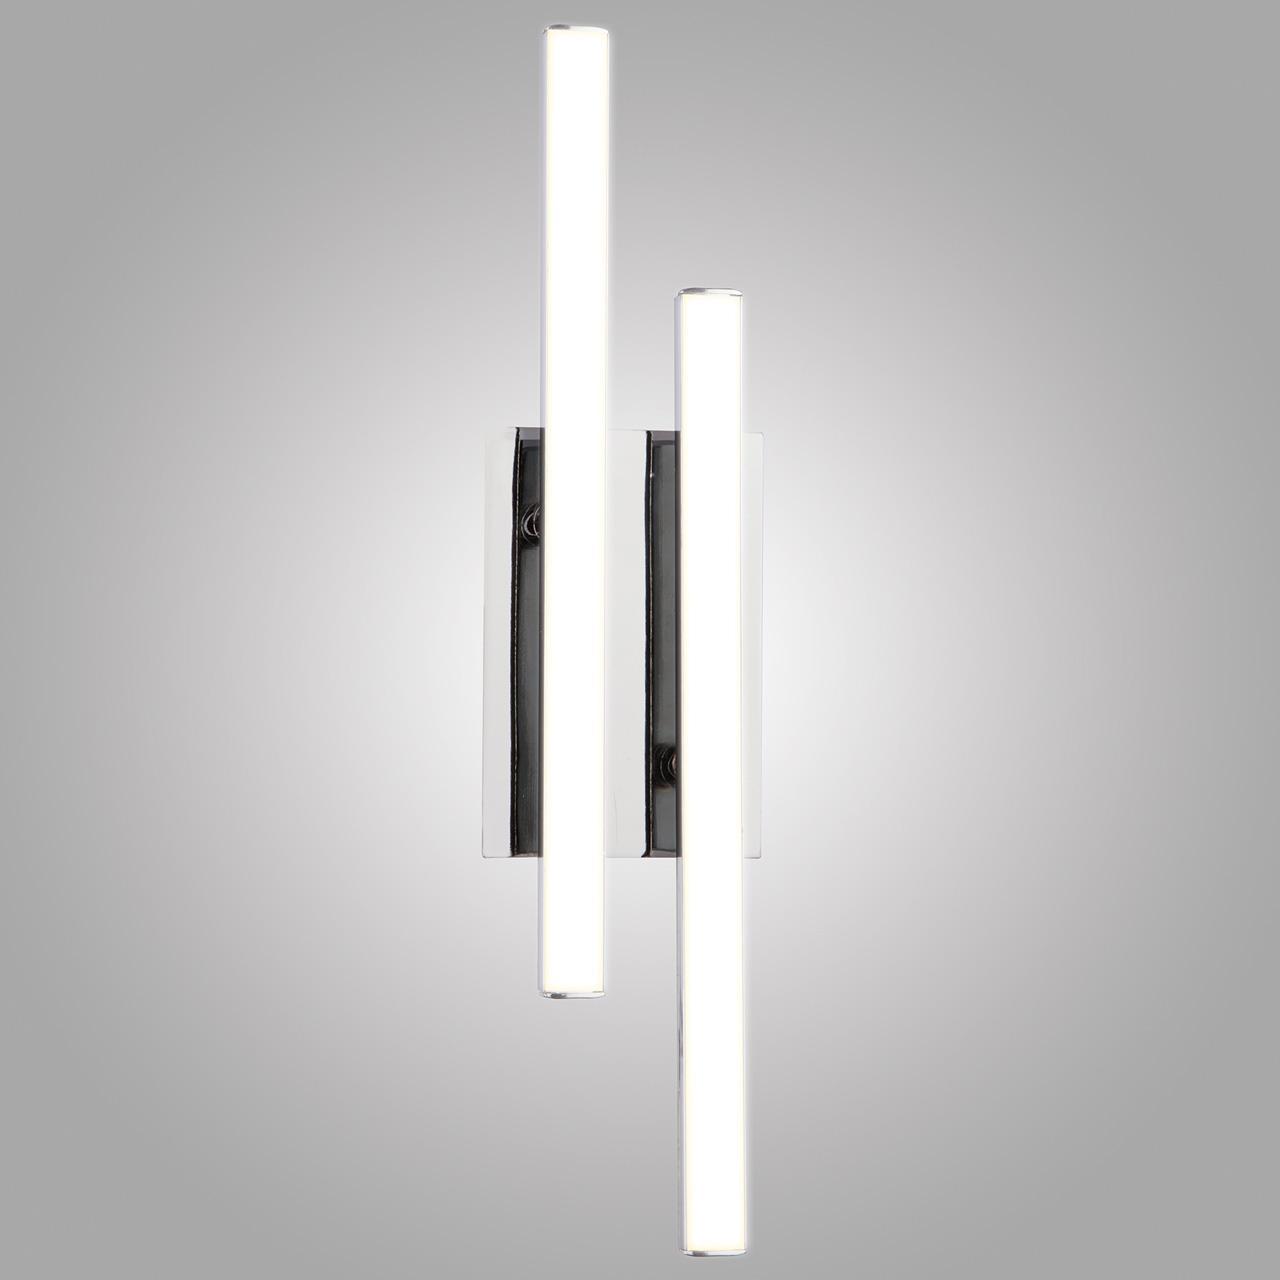 Настенный светодиодный светильник Eurosvet Хай-Тек 90020/2 хром настенный светодиодный светильник eurosvet хай тек 90020 1 хром